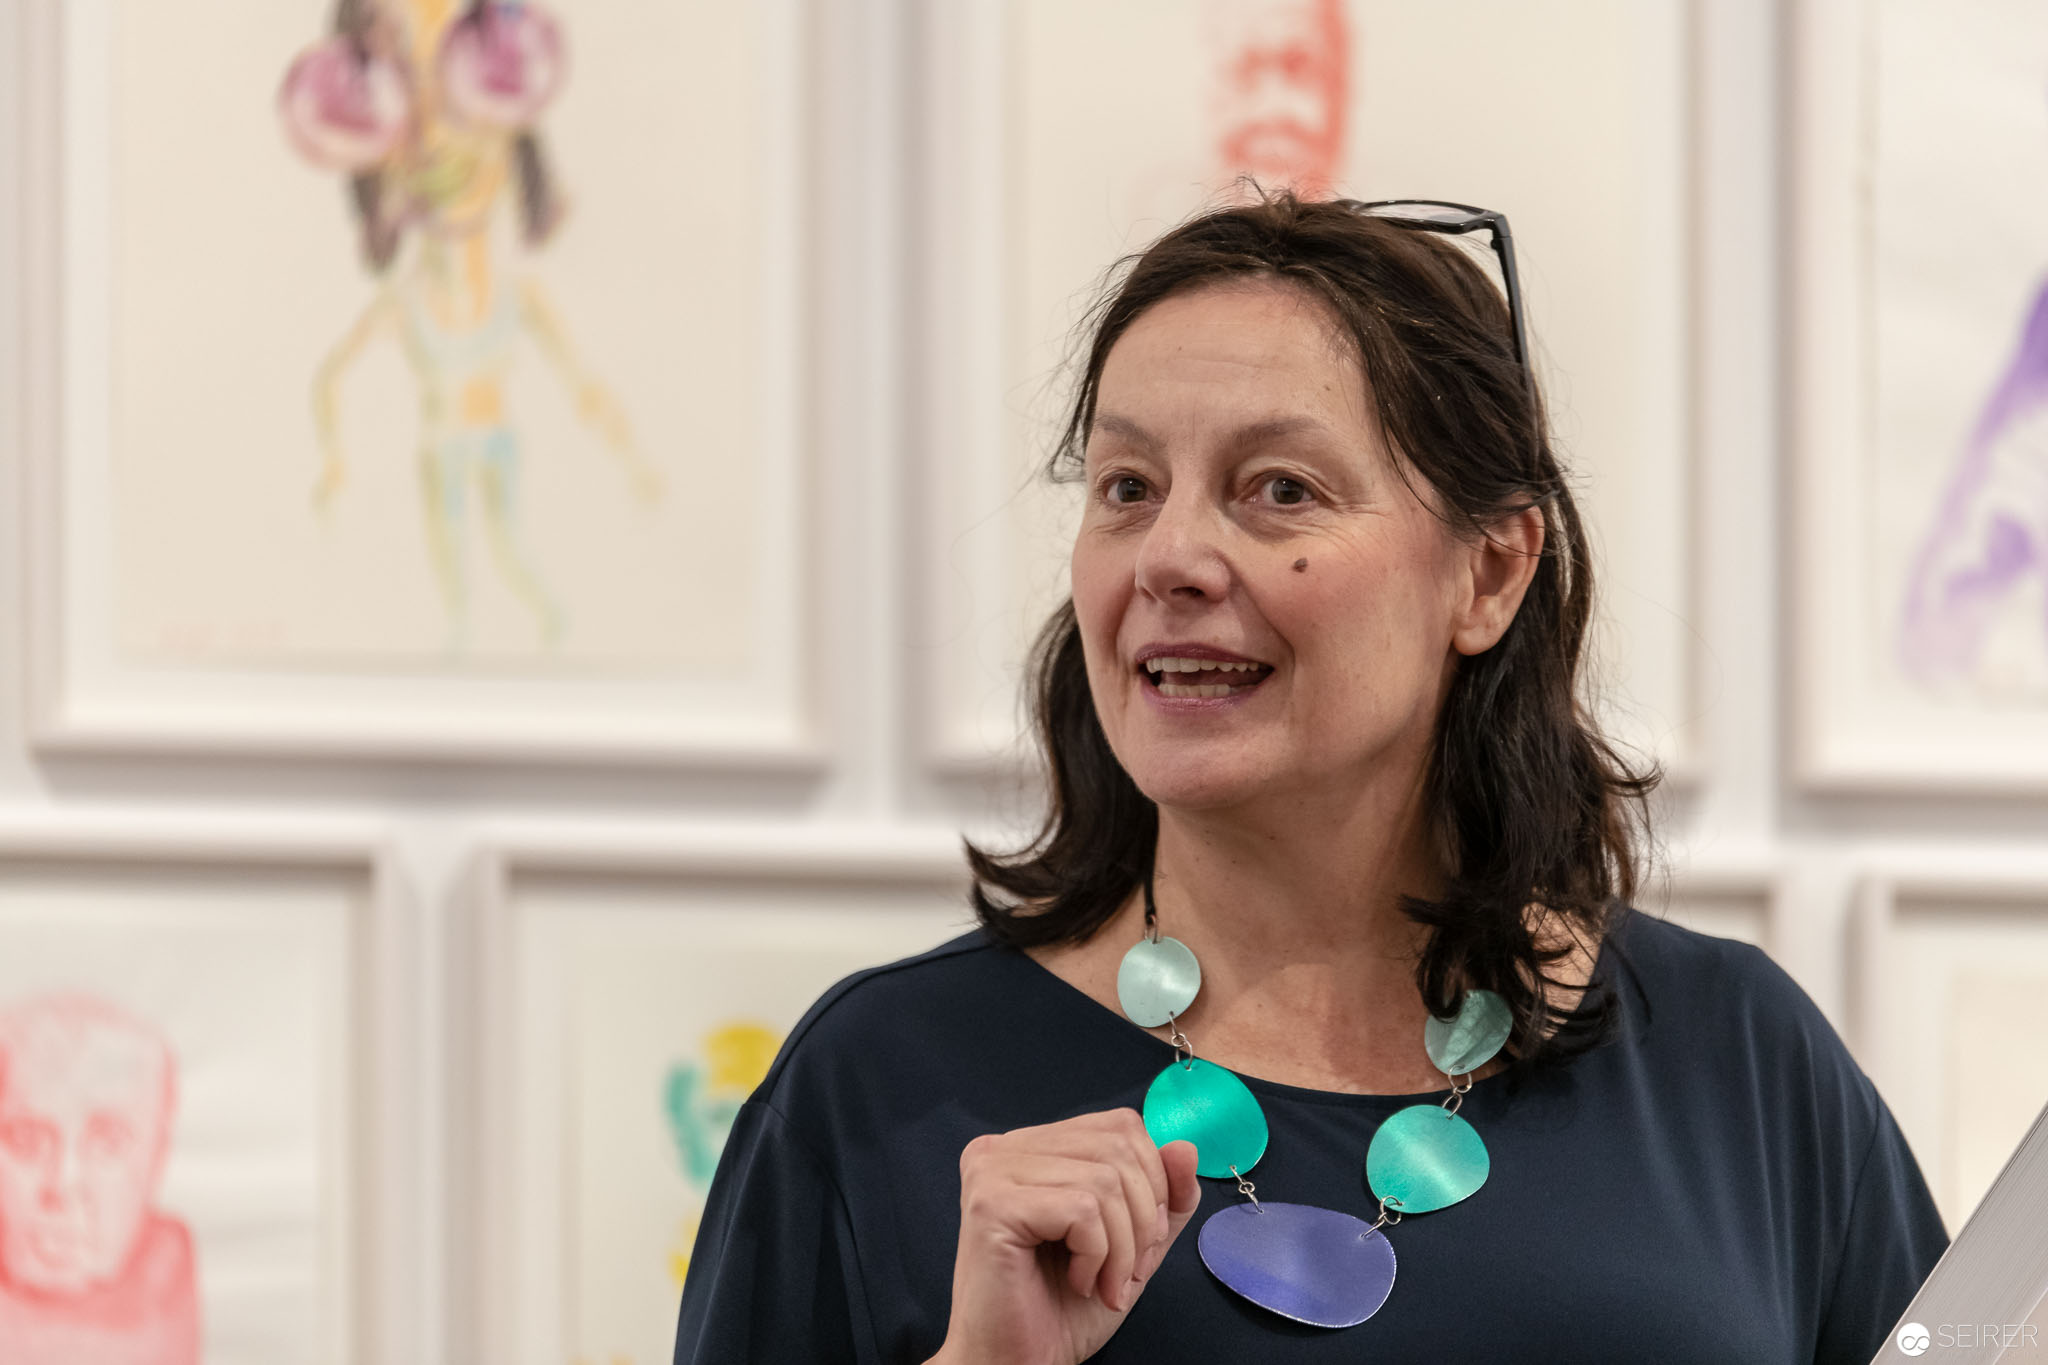 """Kuratorin Antonia Hoerschelmann der Ausstellung """"Peace & Plenty"""" von Erwin Wurm"""